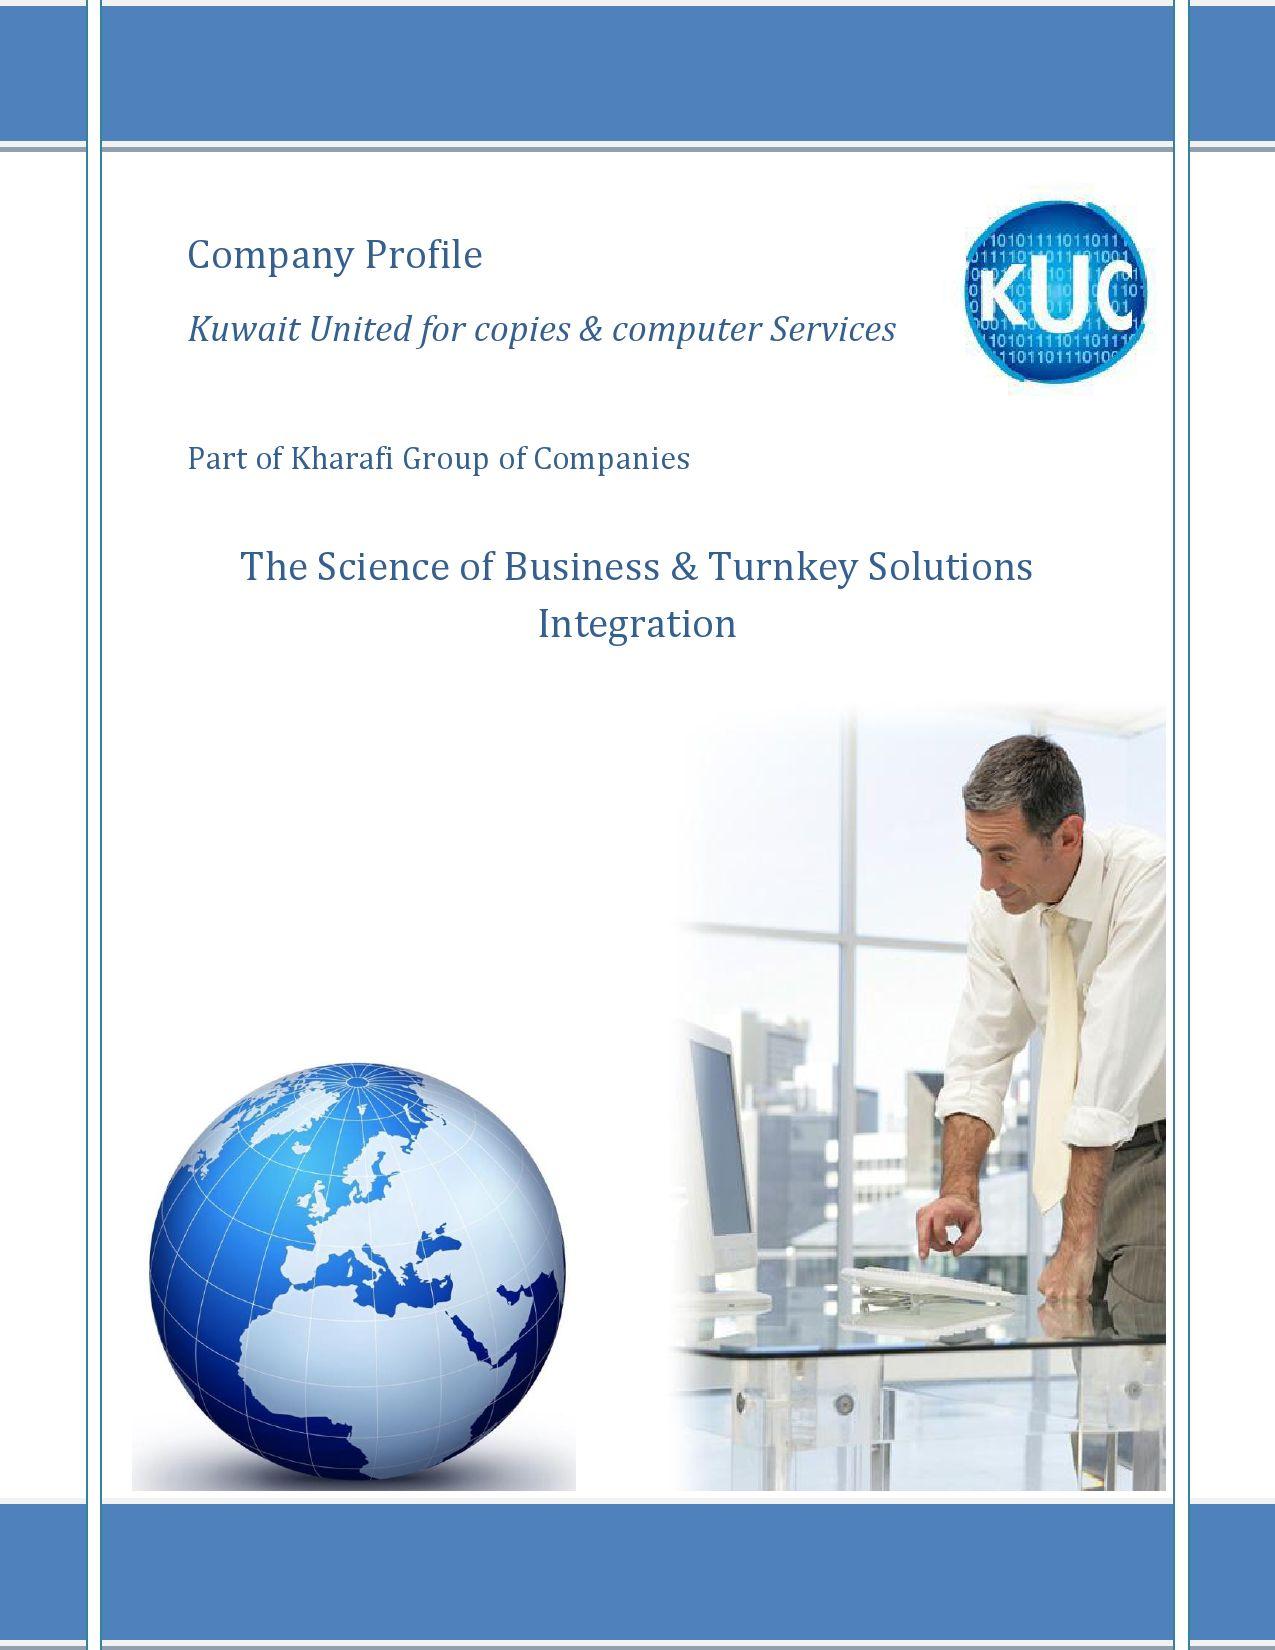 Kuwait United Company